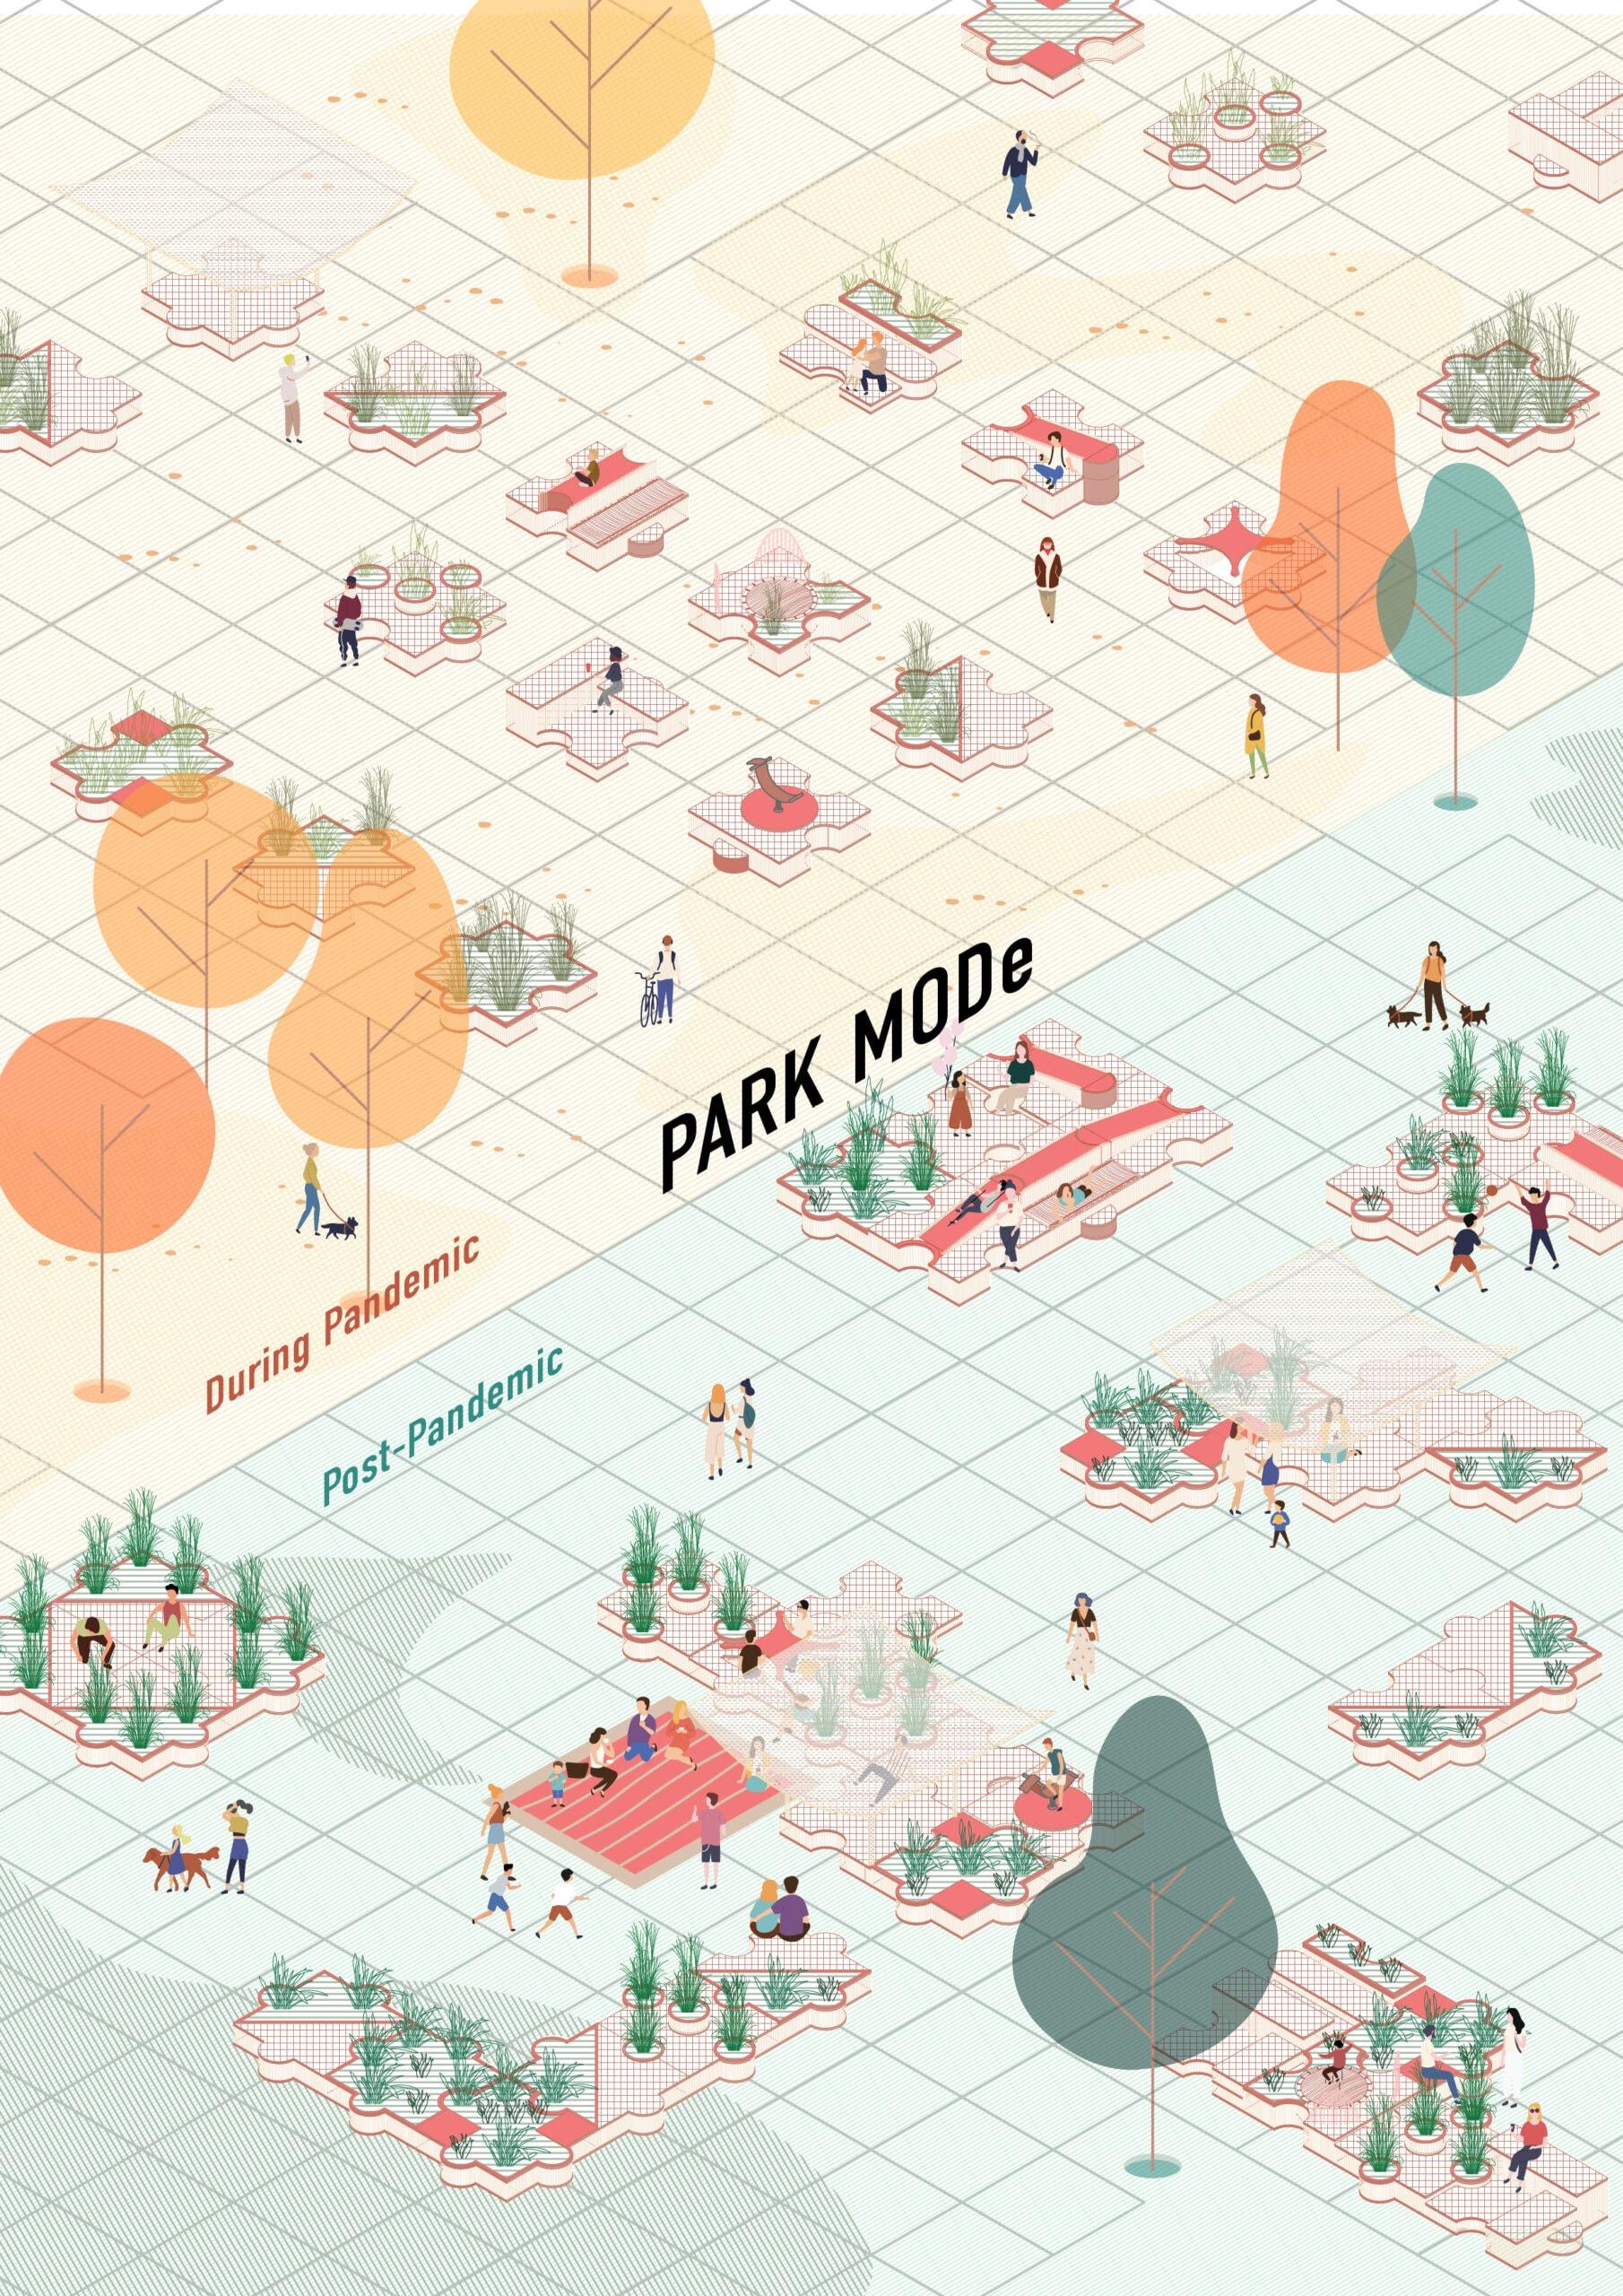 20875_Park MODe_Presentation